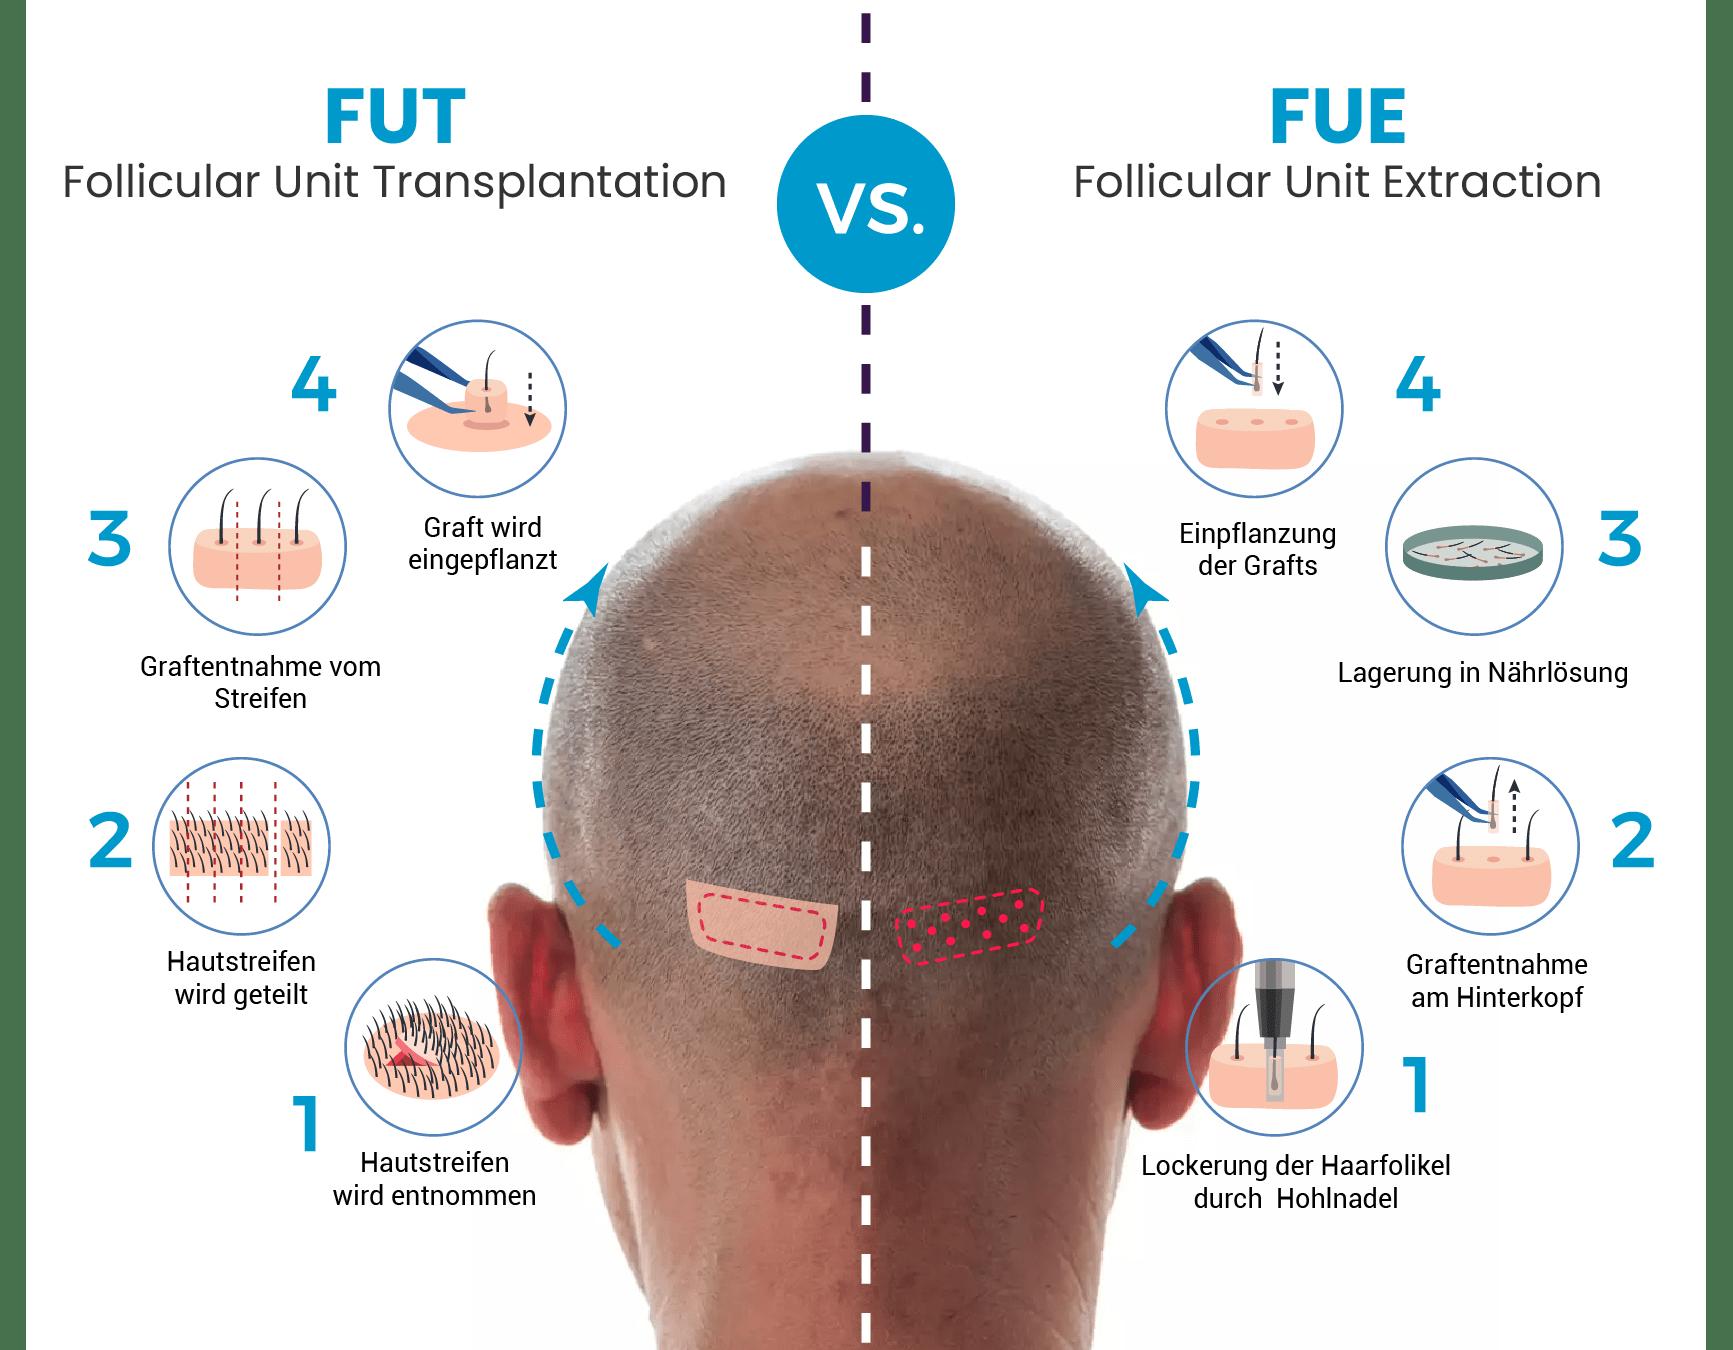 FUE Haartransplantation in der Türkei - Die Methoden